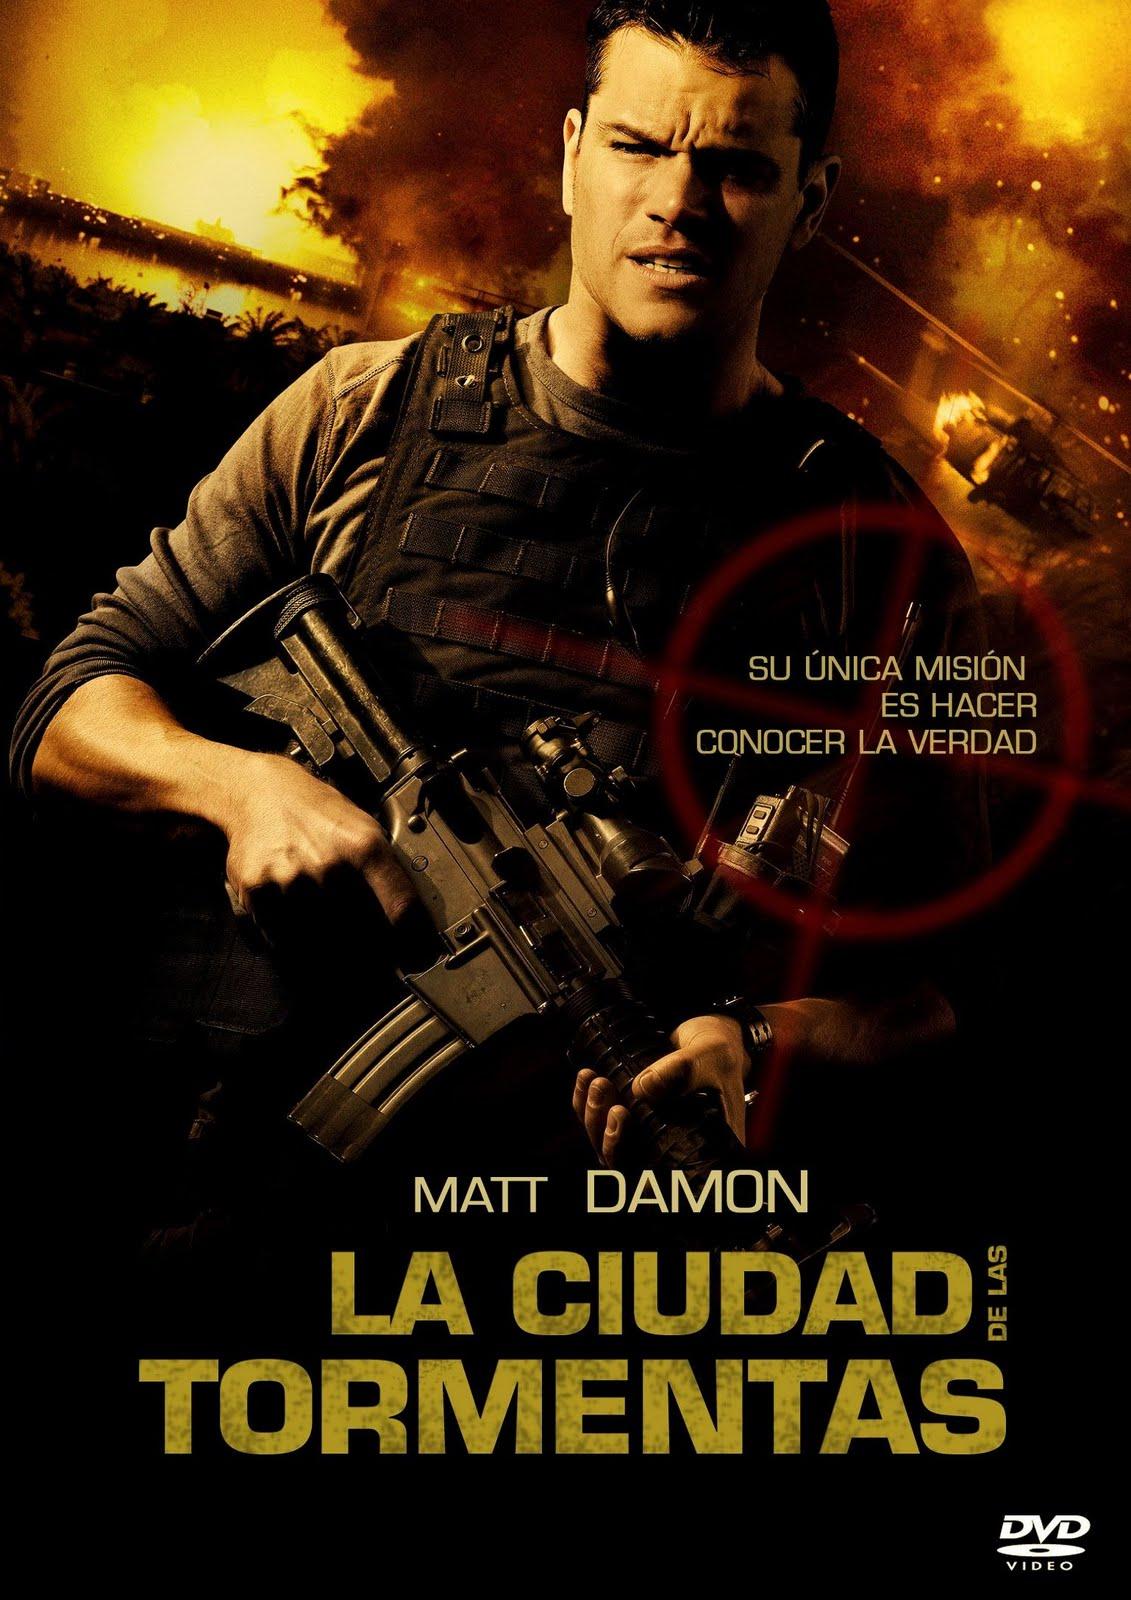 http://4.bp.blogspot.com/_a5dTJF5wJW8/TBV_FUILONI/AAAAAAAAB8k/mYtKQMjDLWM/s1600/La_Ciudad_De_Las_Tormentas_.jpg